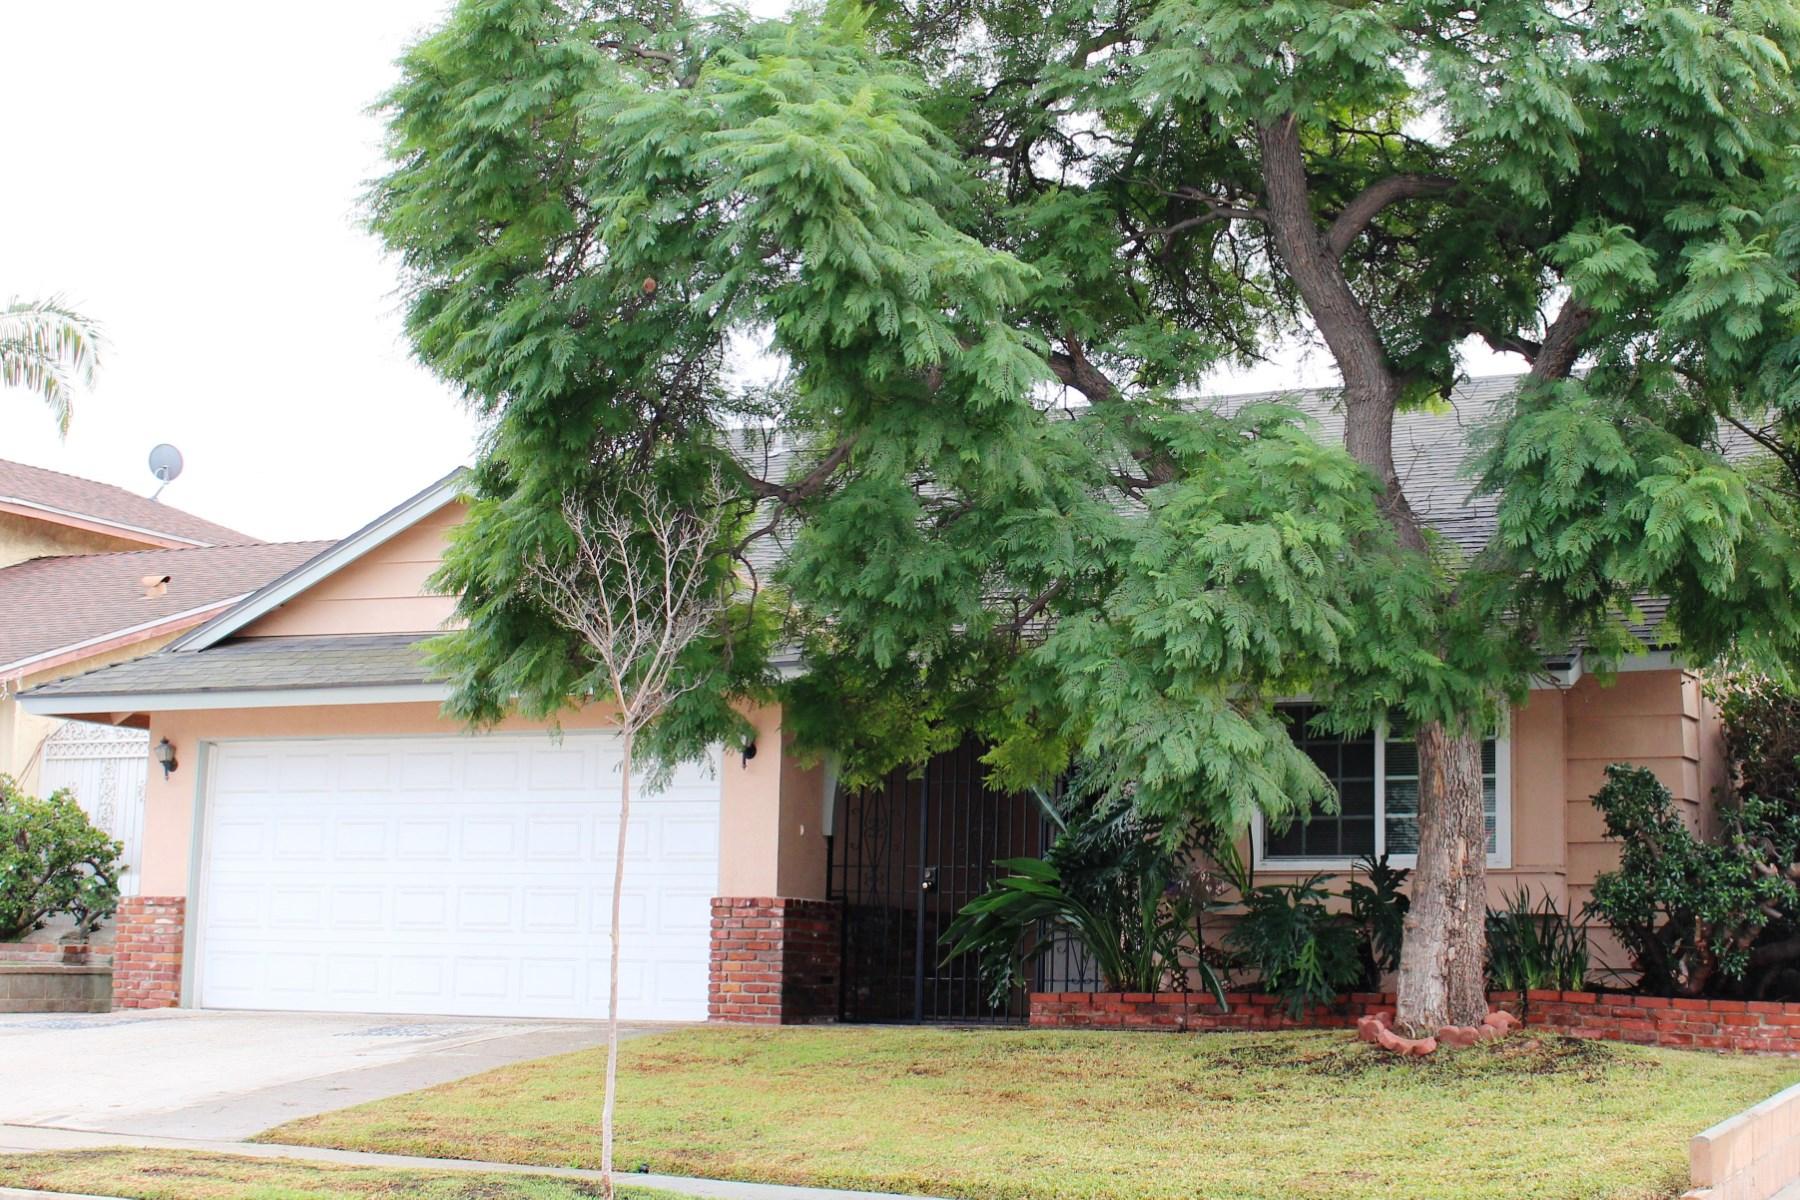 Single Family Home for Sale at Prime North Carson 1830 E Helmick St Carson, California 90746 United States